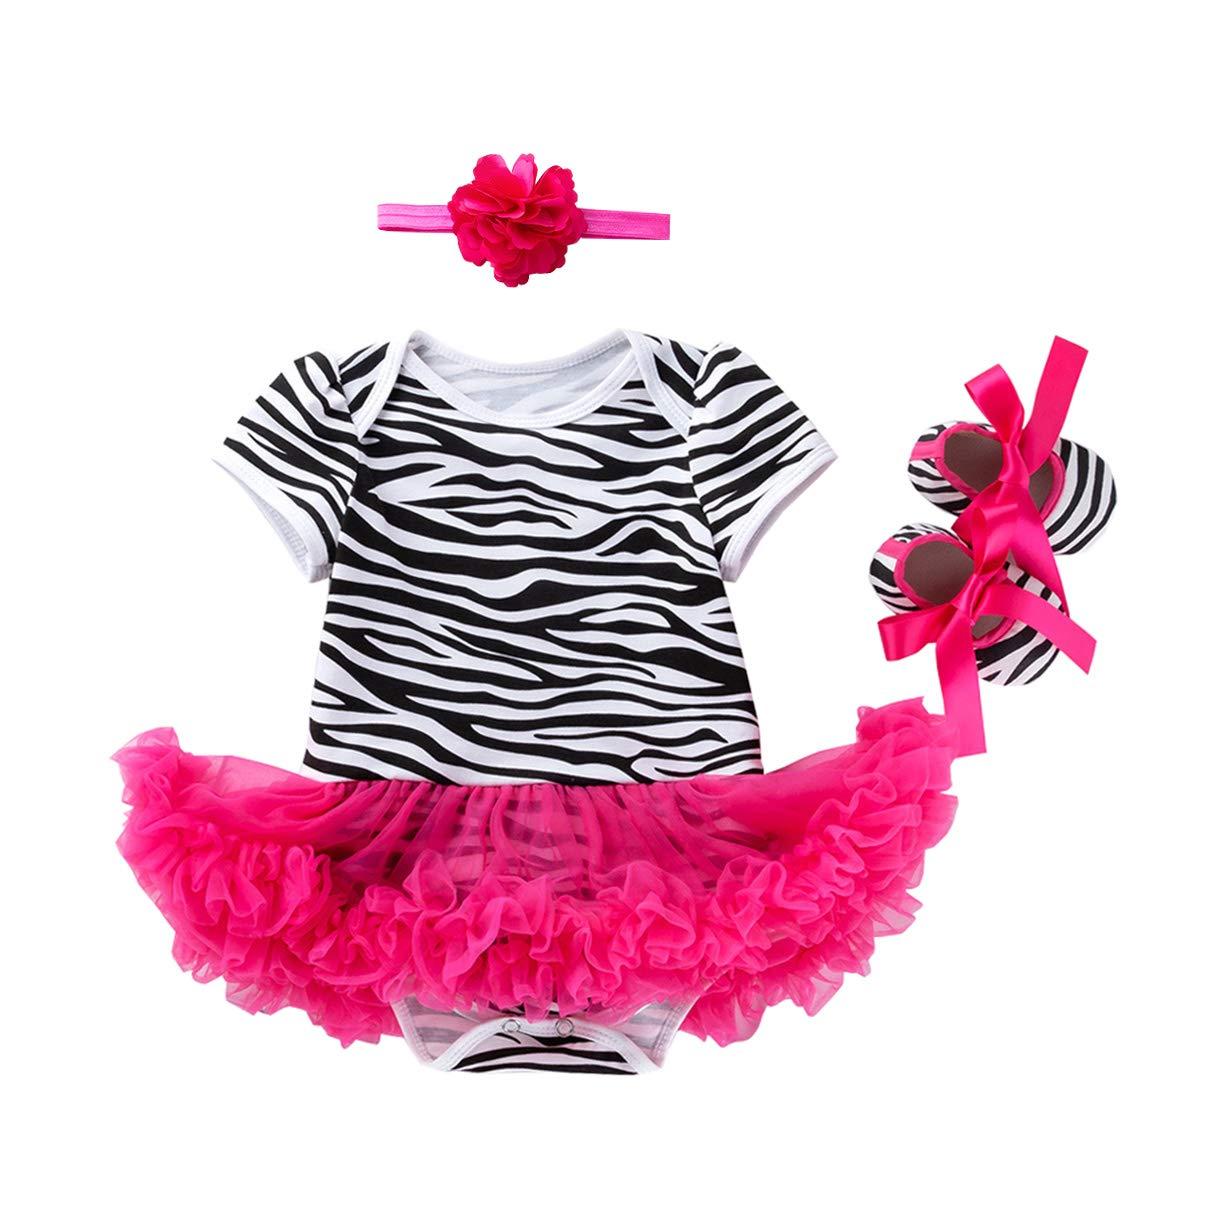 BabyPreg Beb/é Infantil Leopardo Cebra Vestido Estampado Tut/ú de algod/ón Zapatos de Vestir Diadema 3 Piezas